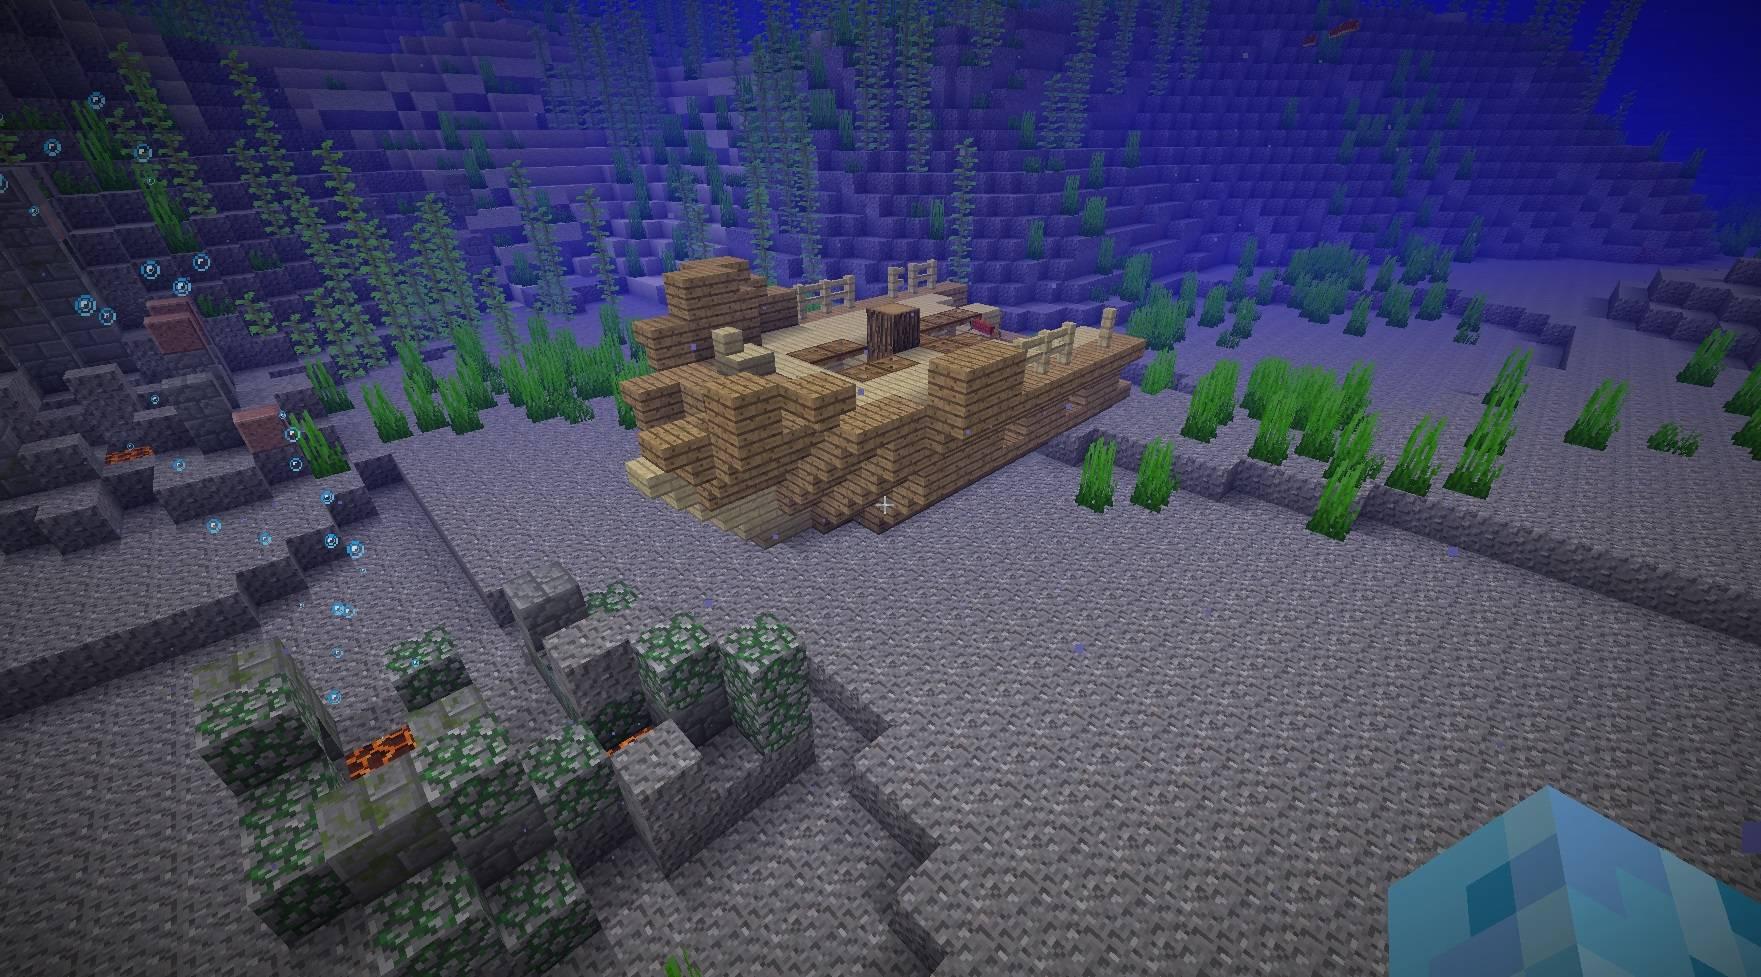 zatopiony statek wrak pod woda ocean minecraft 1.13 img2